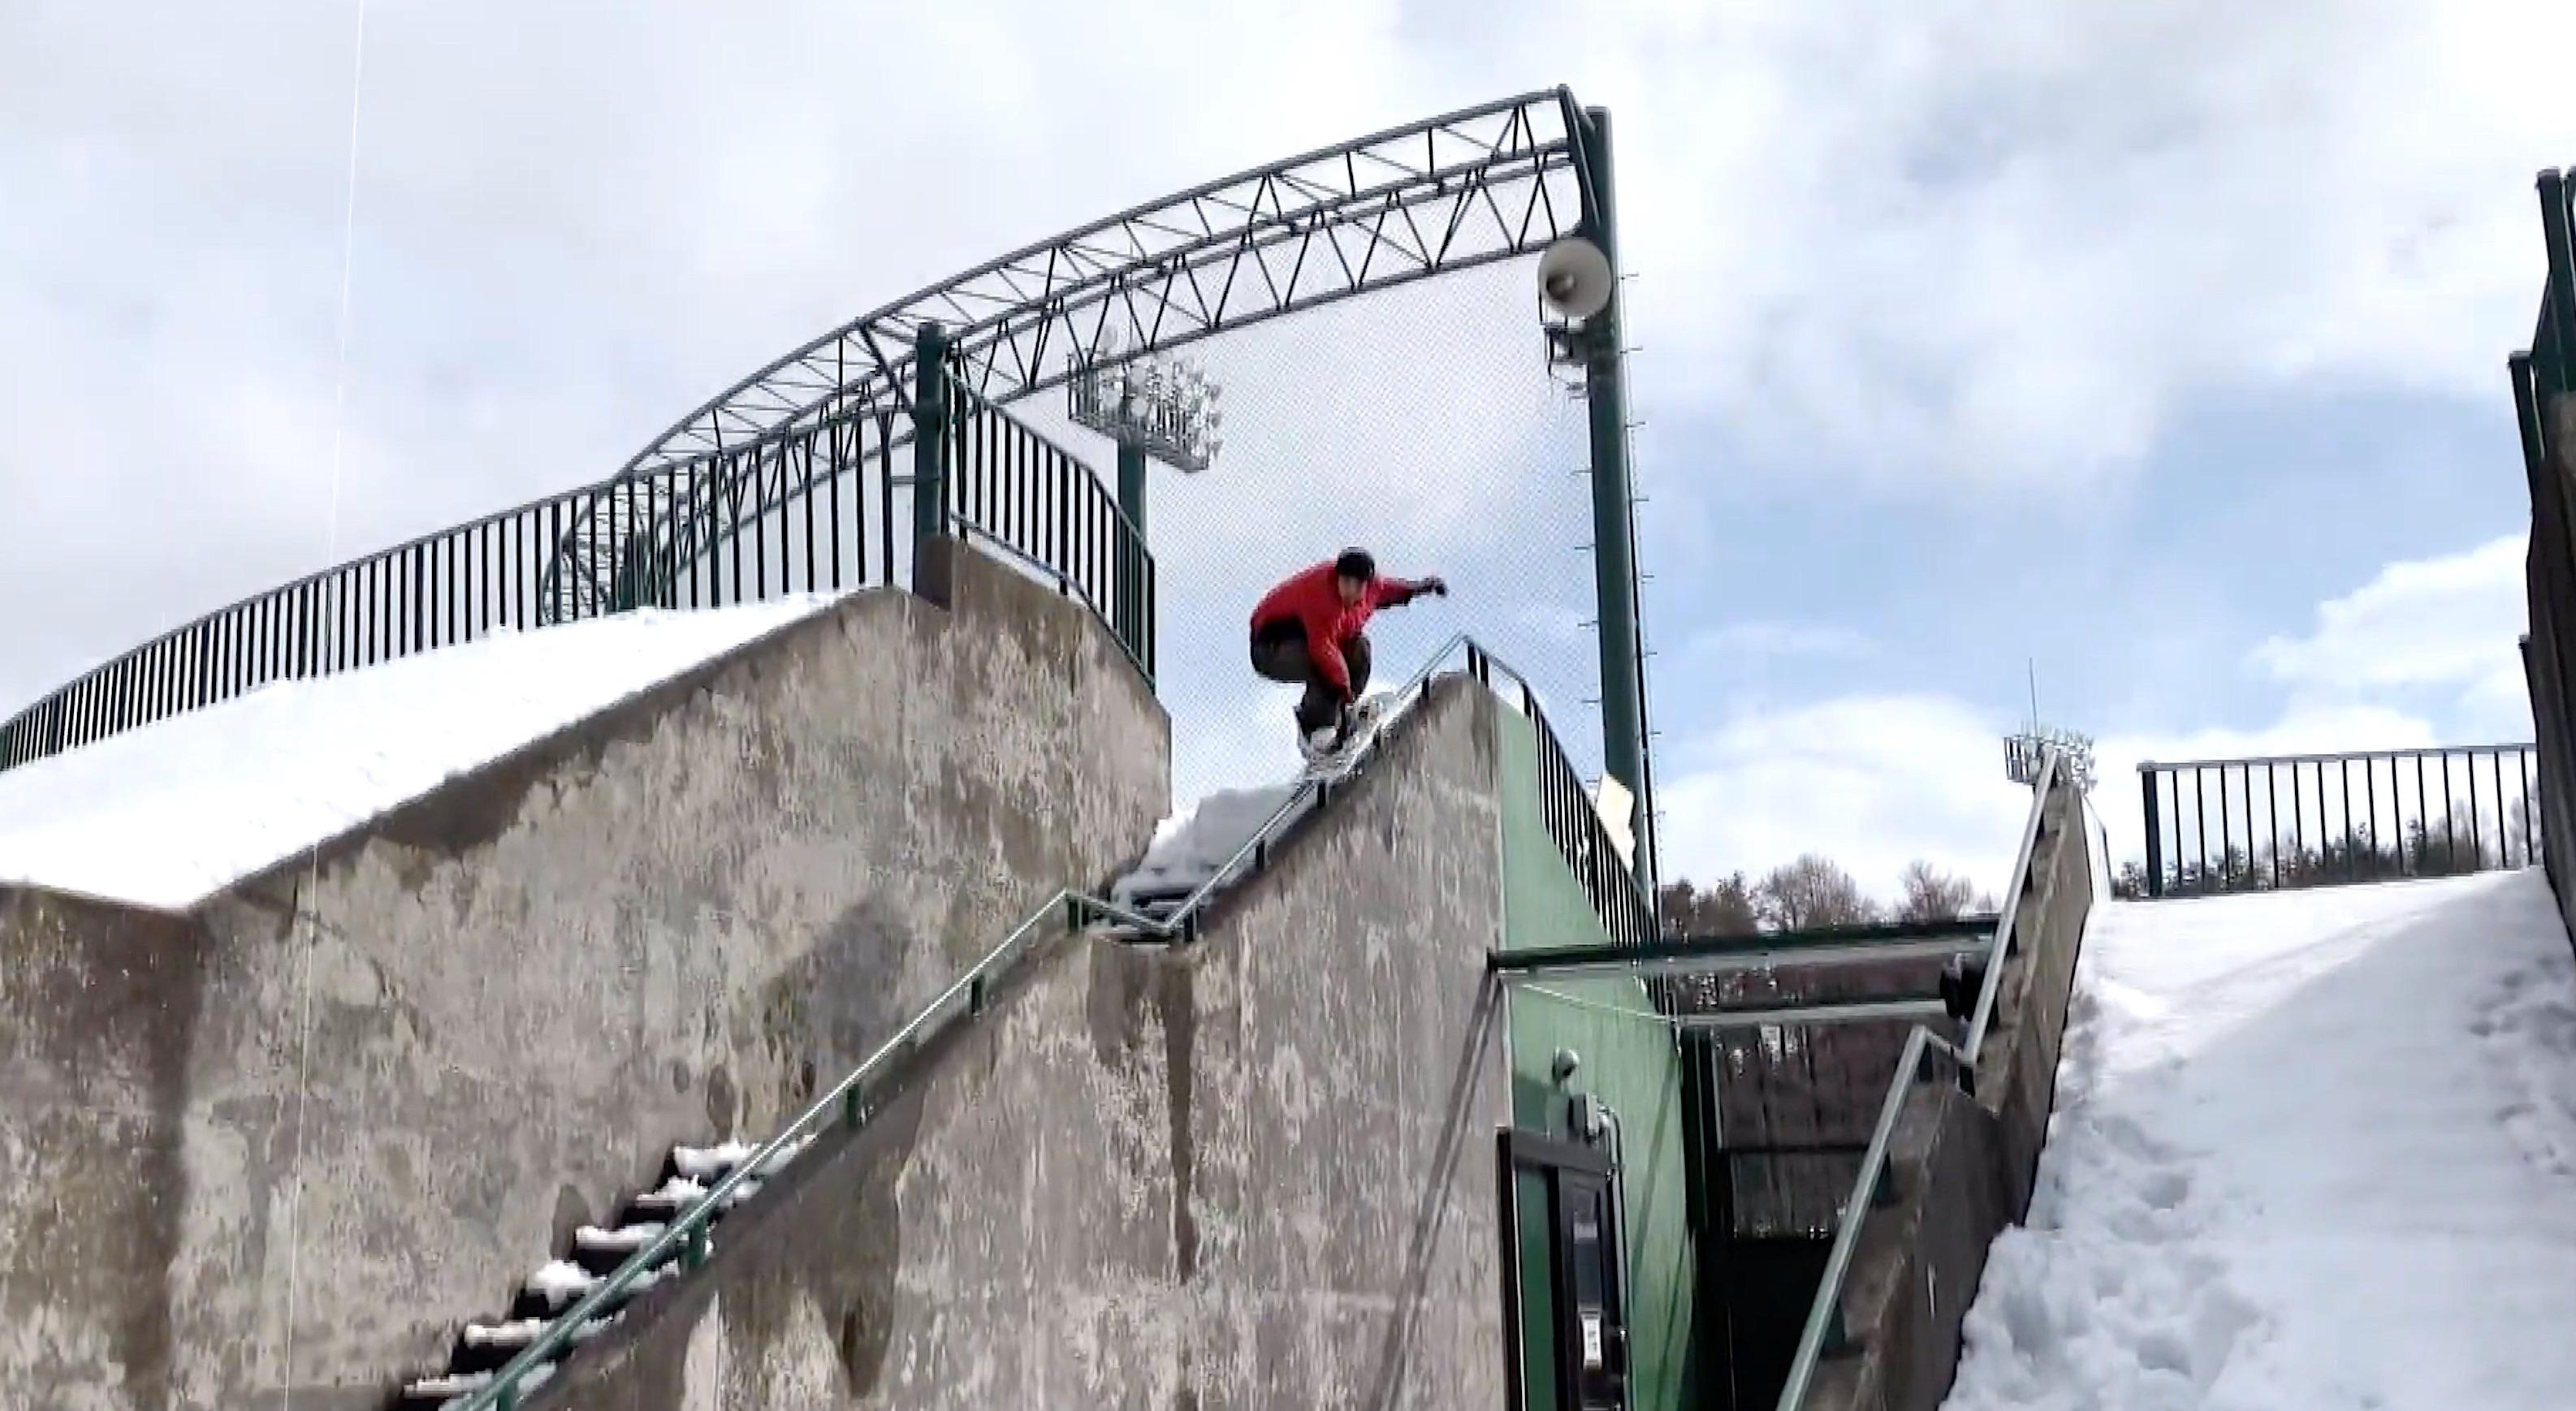 スノーボード rome ローム snowboard